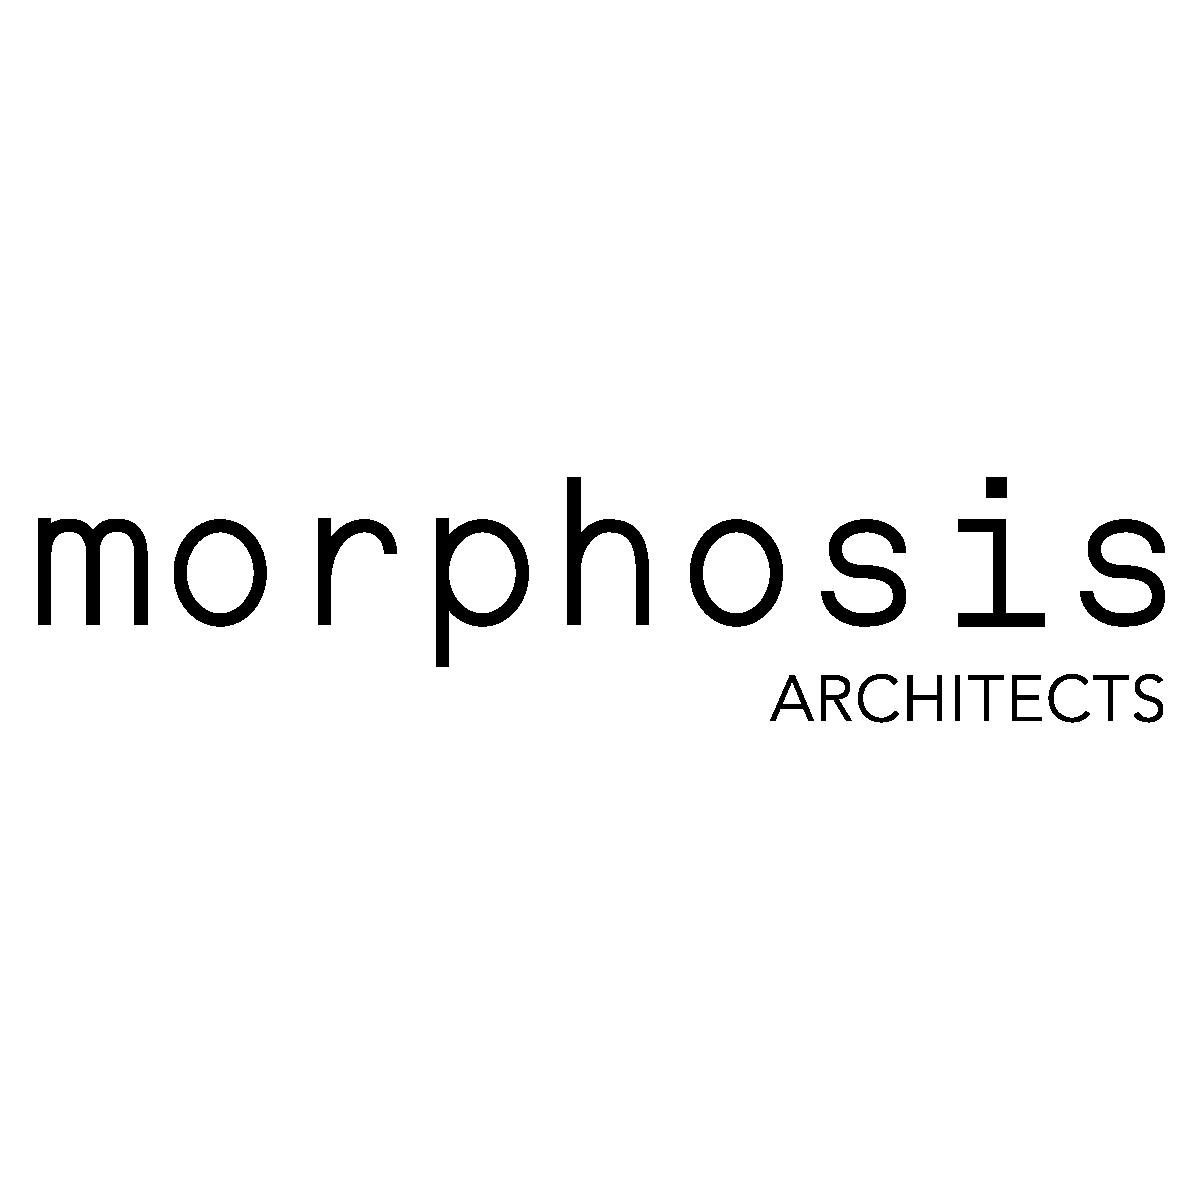 Morphosis2-01.png